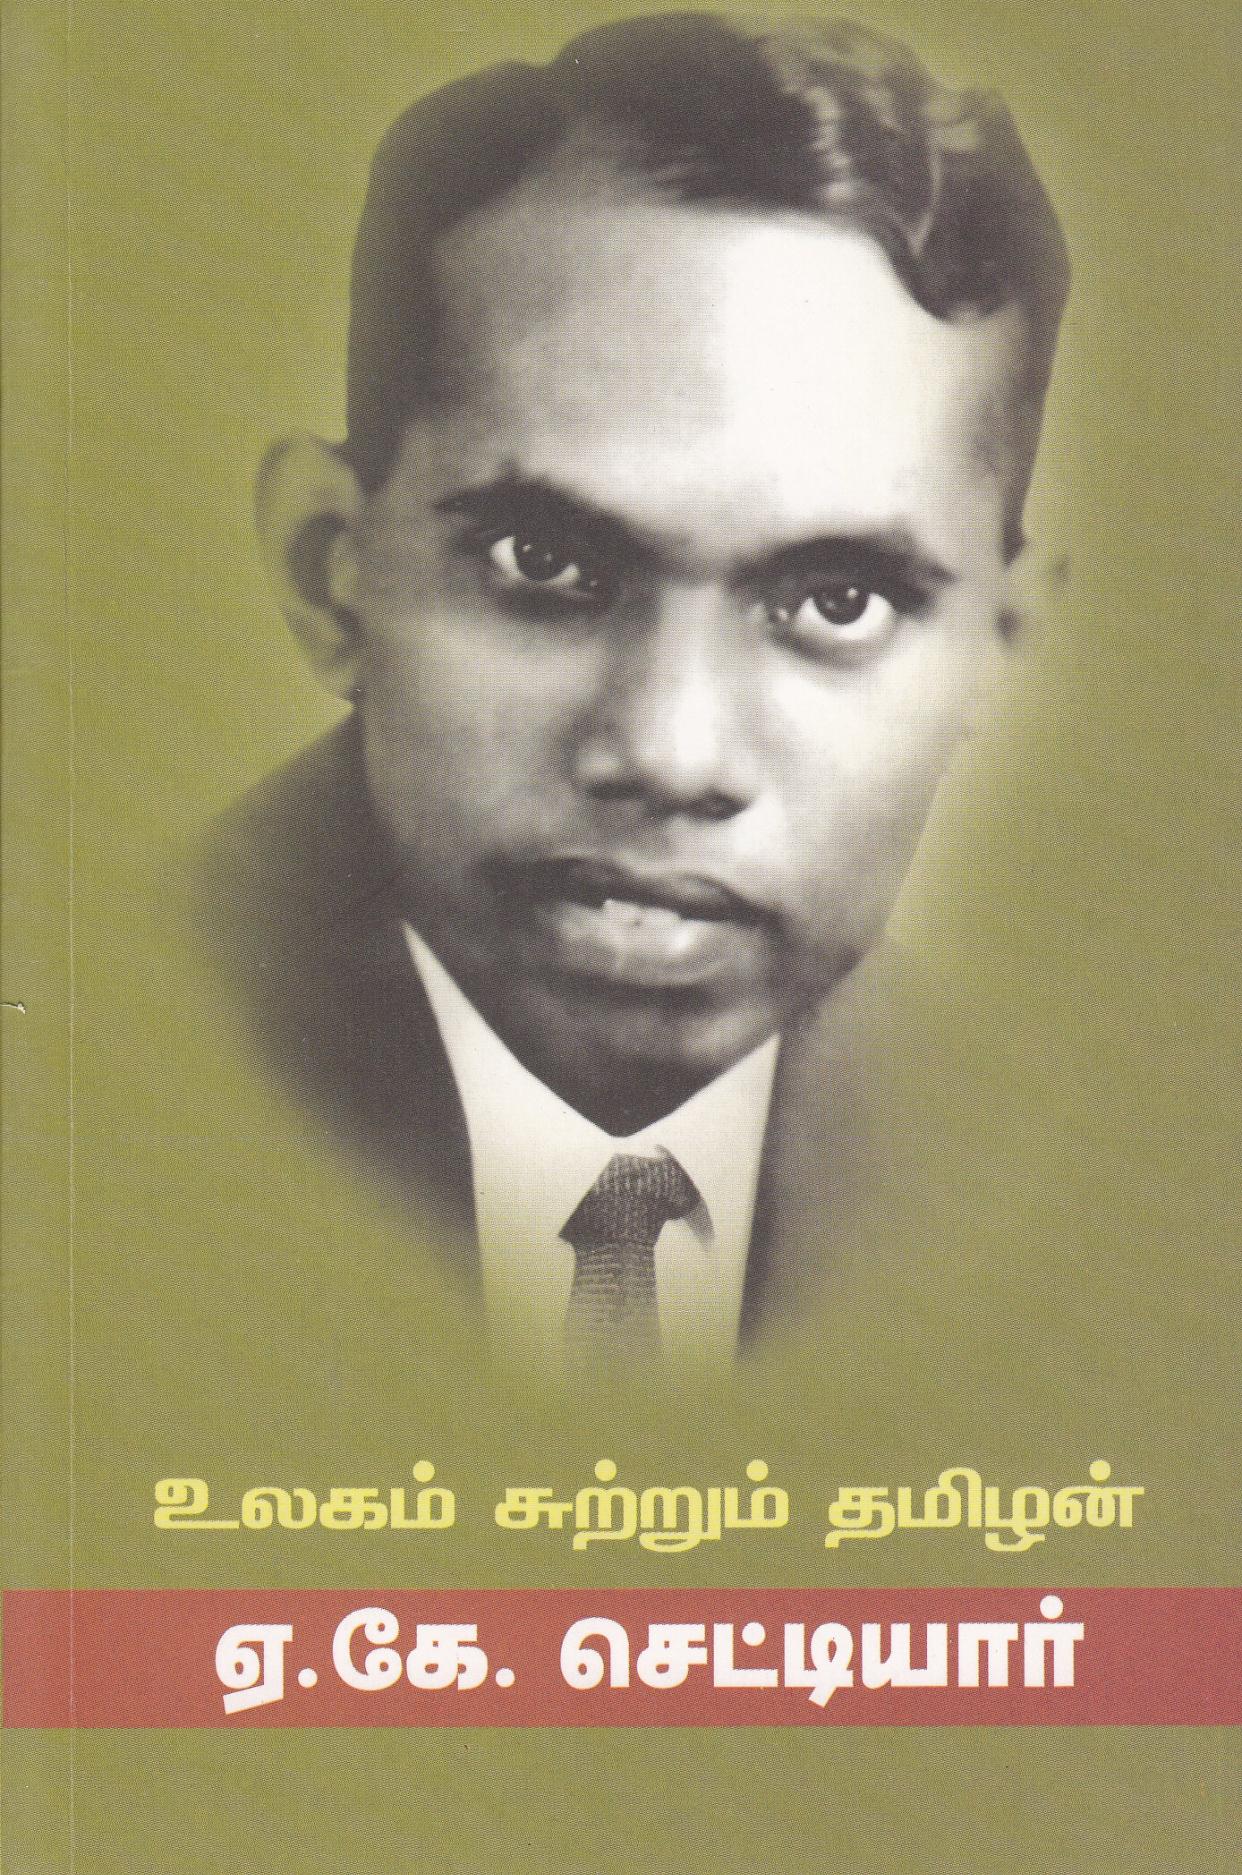 படித்தோம் சொல்கின்றோம்:  ஏ.கே. செட்டியார் (1911 – 1983)  எழுதிய உலகம் சுற்றும் தமிழன்